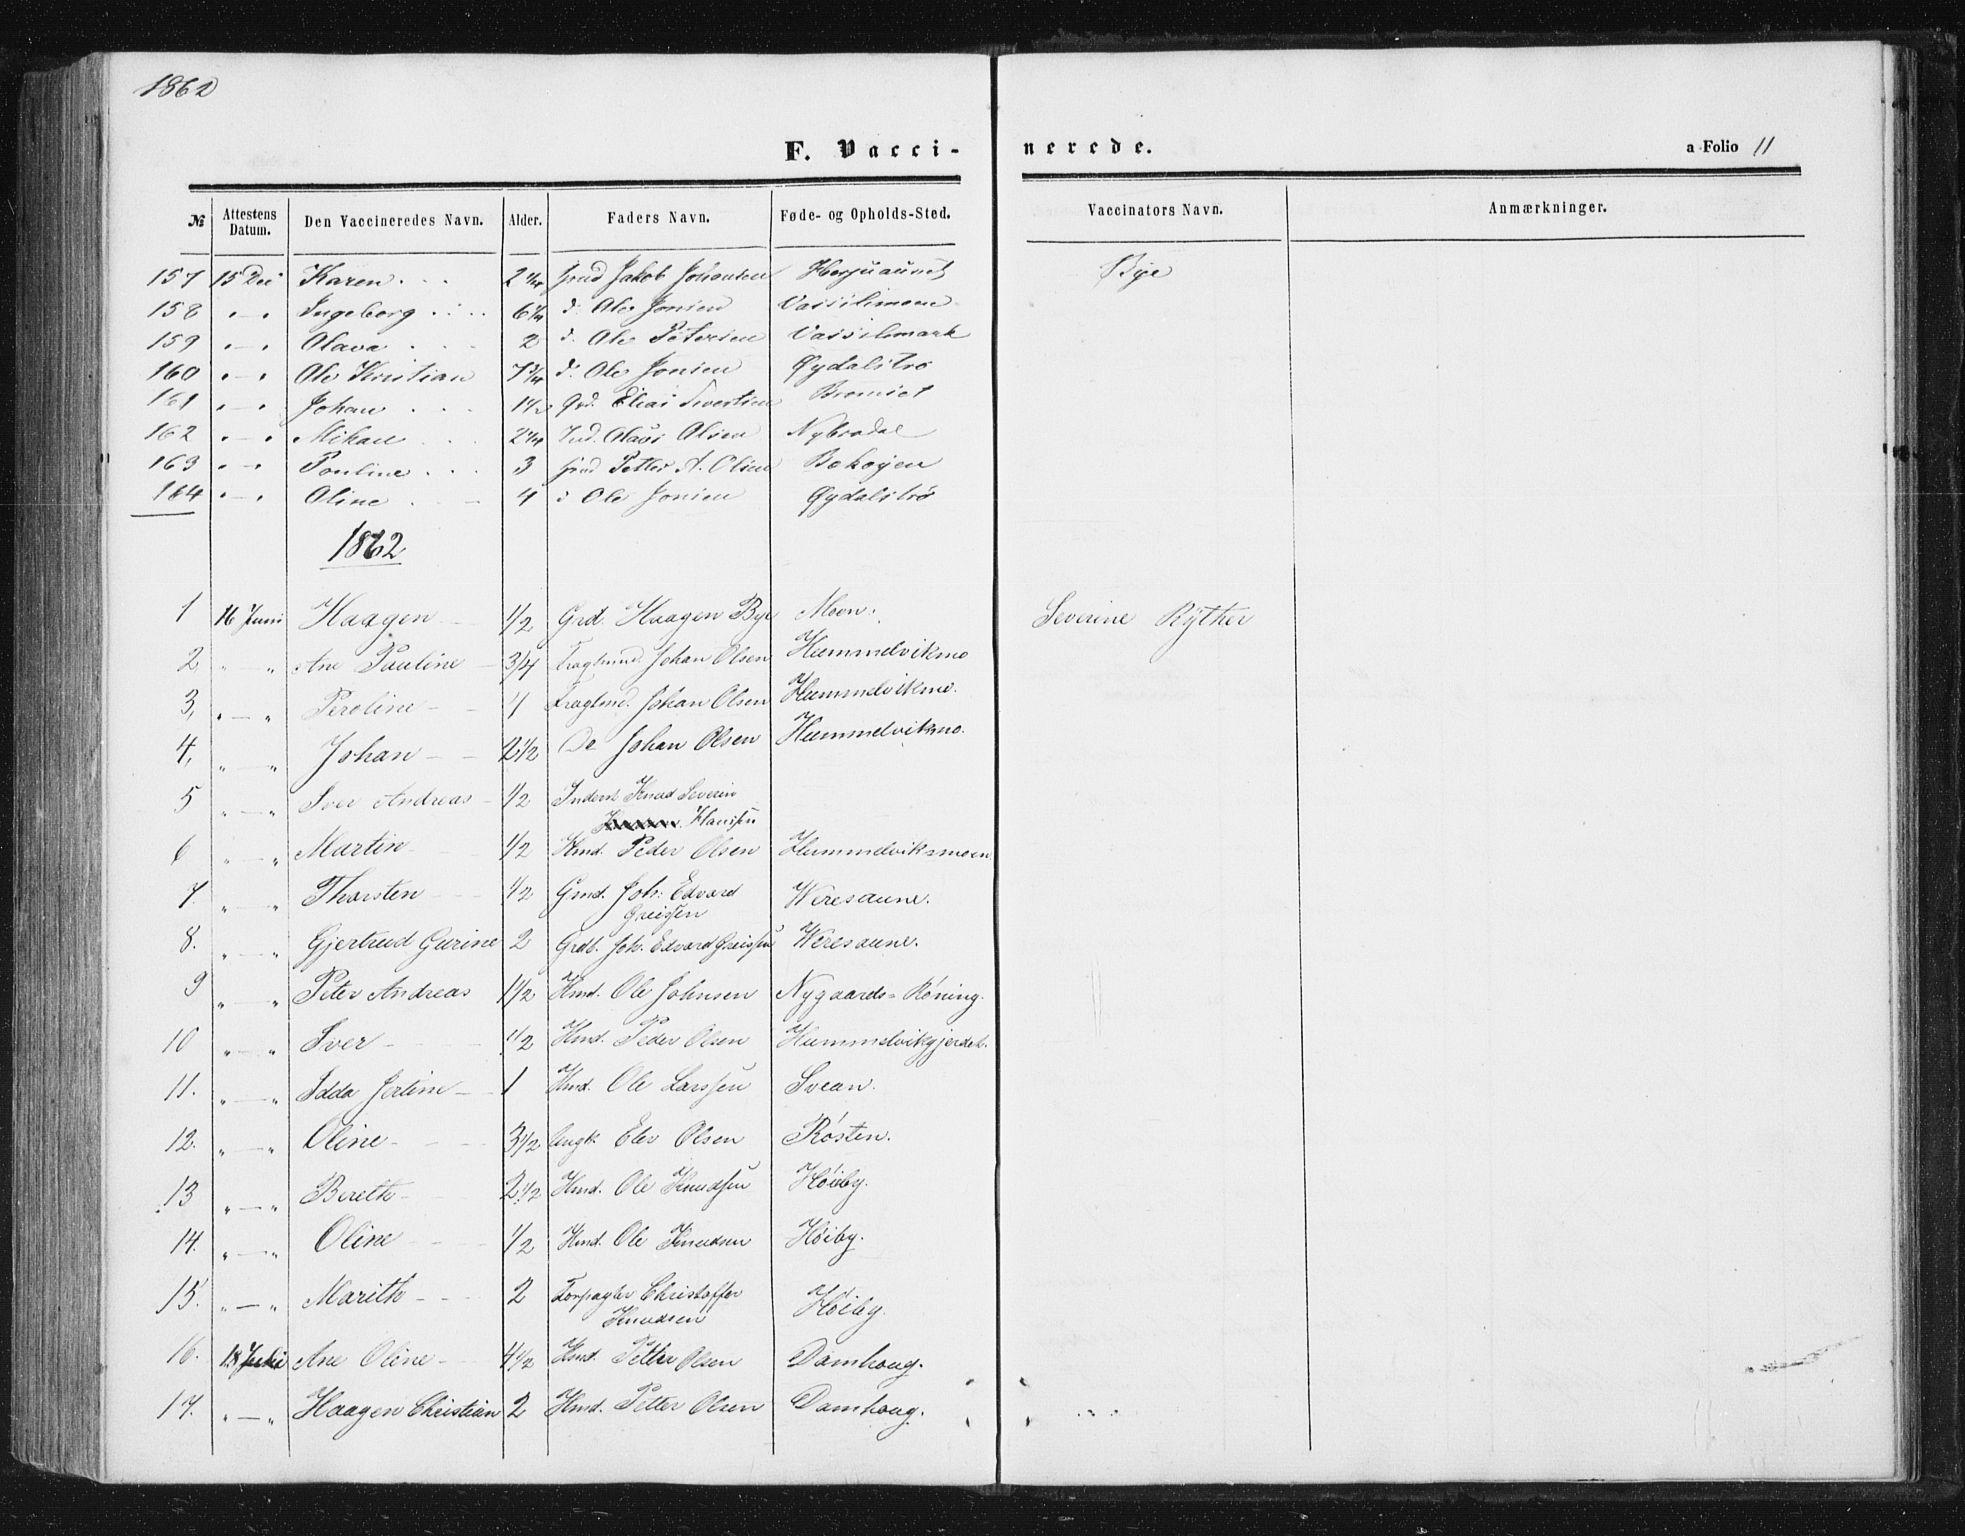 SAT, Ministerialprotokoller, klokkerbøker og fødselsregistre - Sør-Trøndelag, 616/L0408: Ministerialbok nr. 616A05, 1857-1865, s. 11